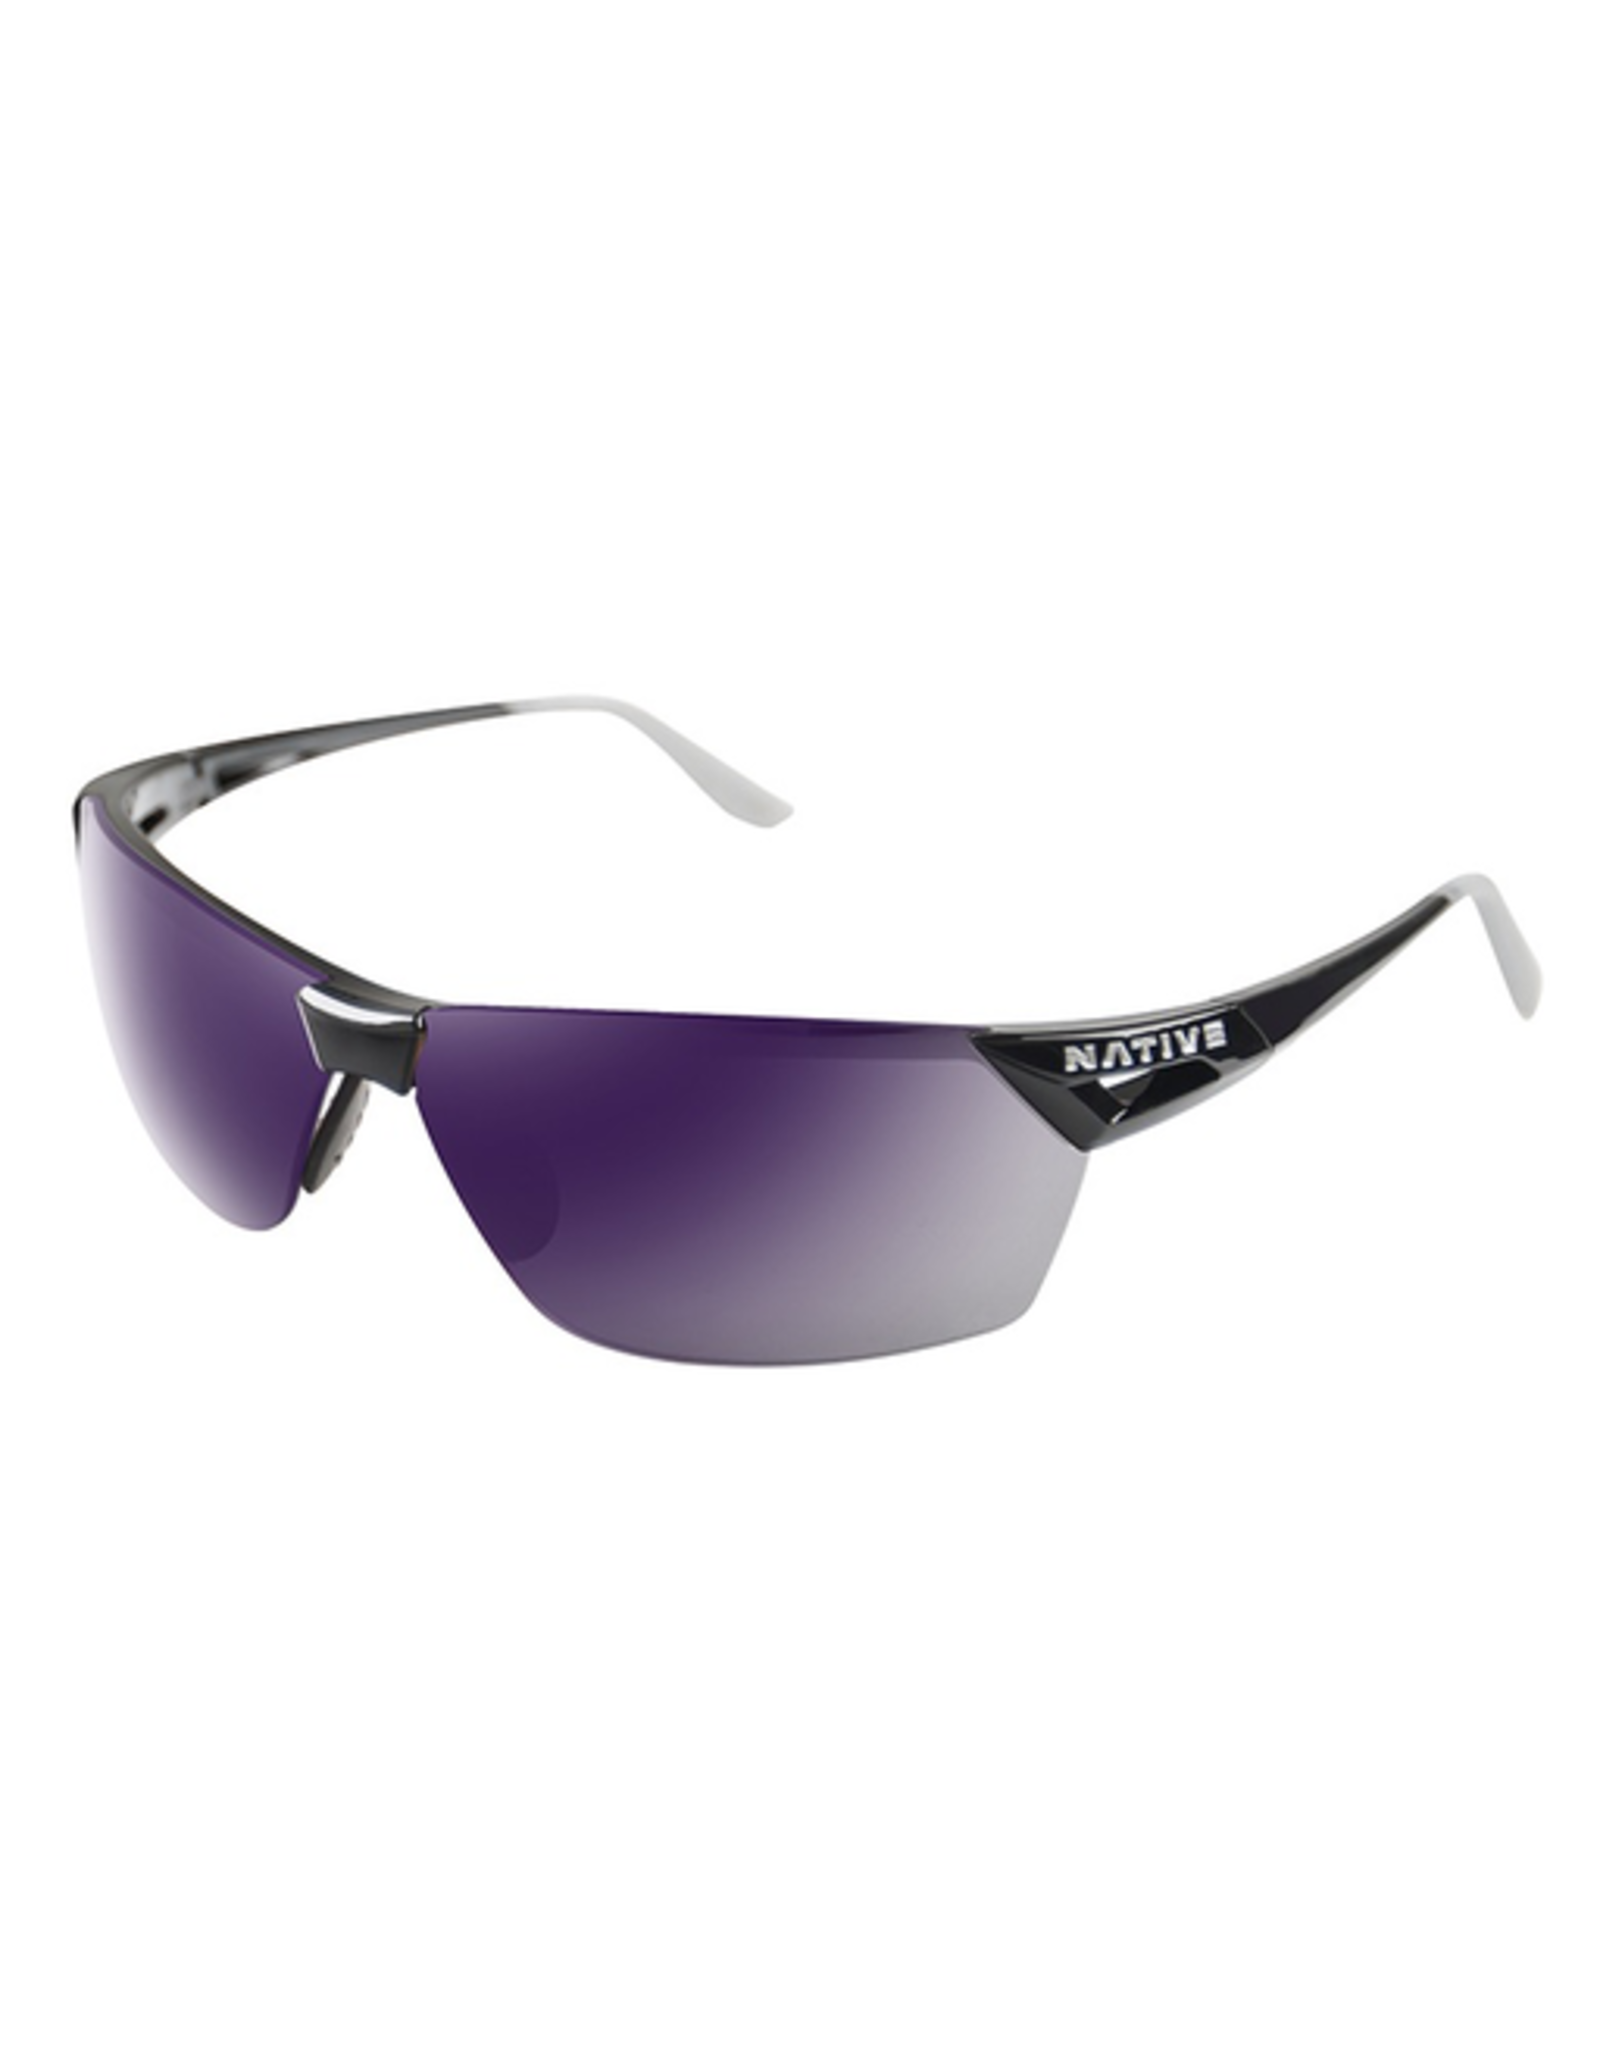 Native Eyewear Native Sunglasses Vigor AF, Frame Gloss Black Violet, Lens Violet Reflex